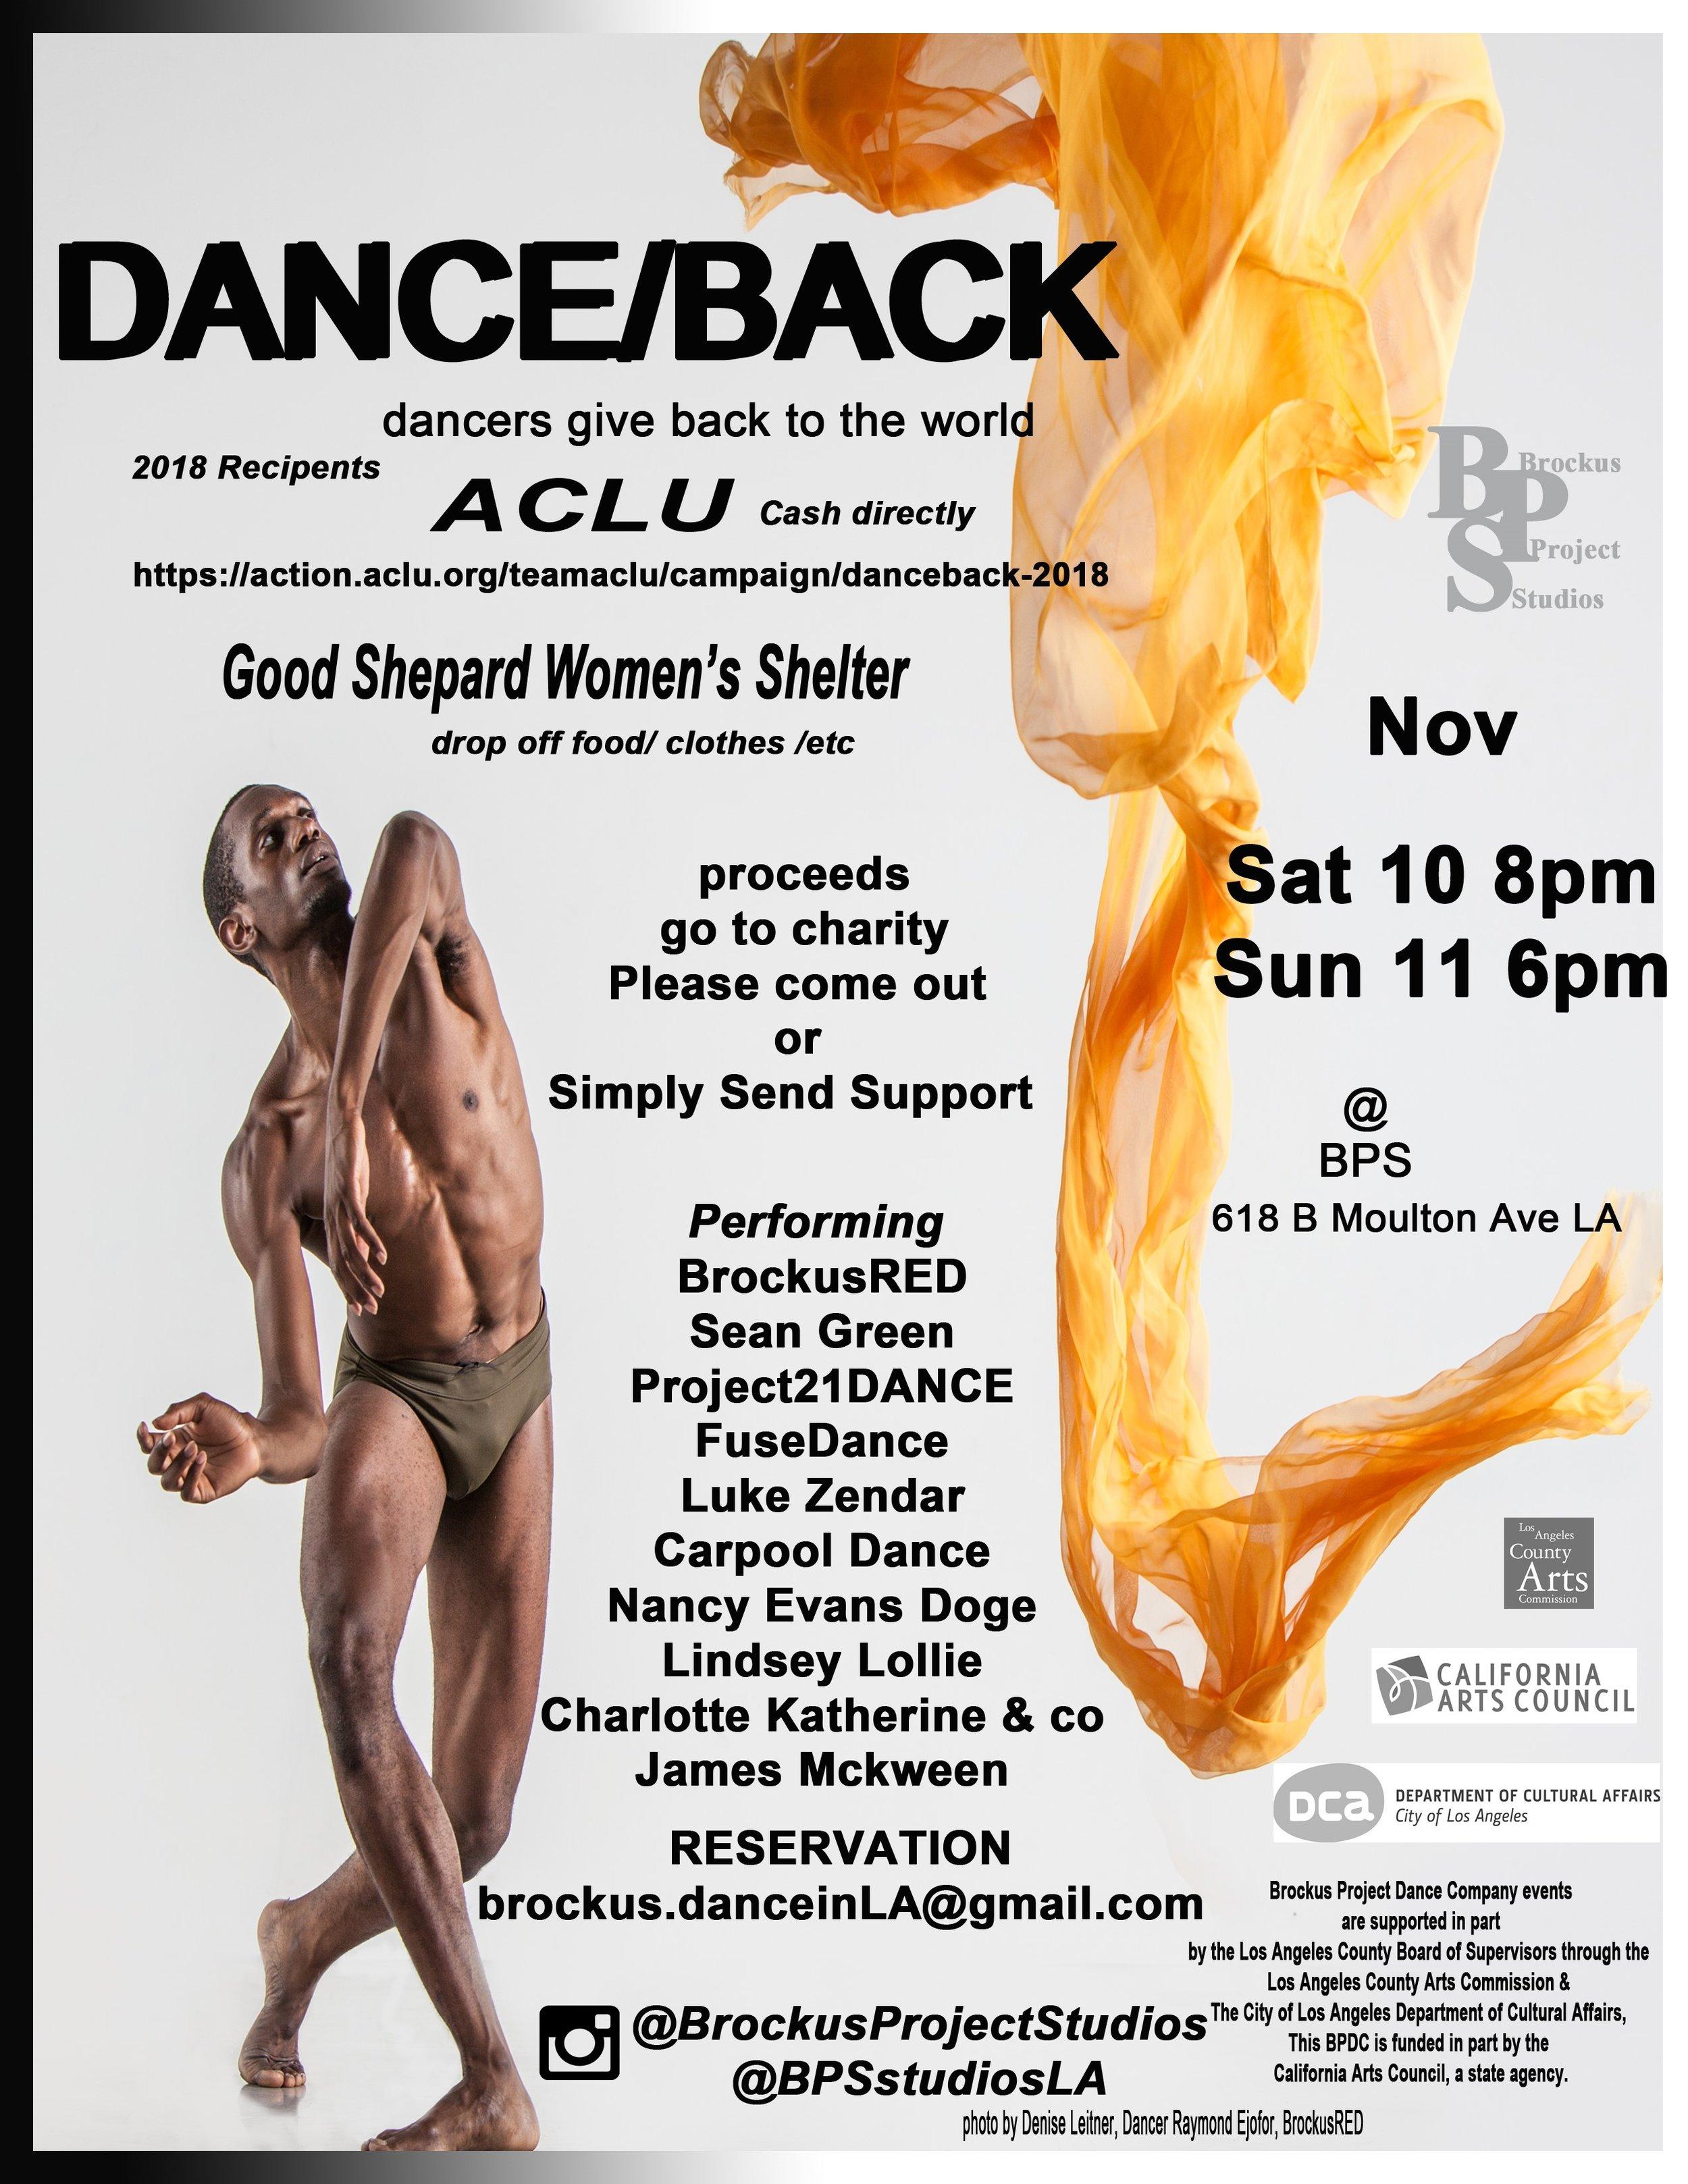 DanceBack.jpg